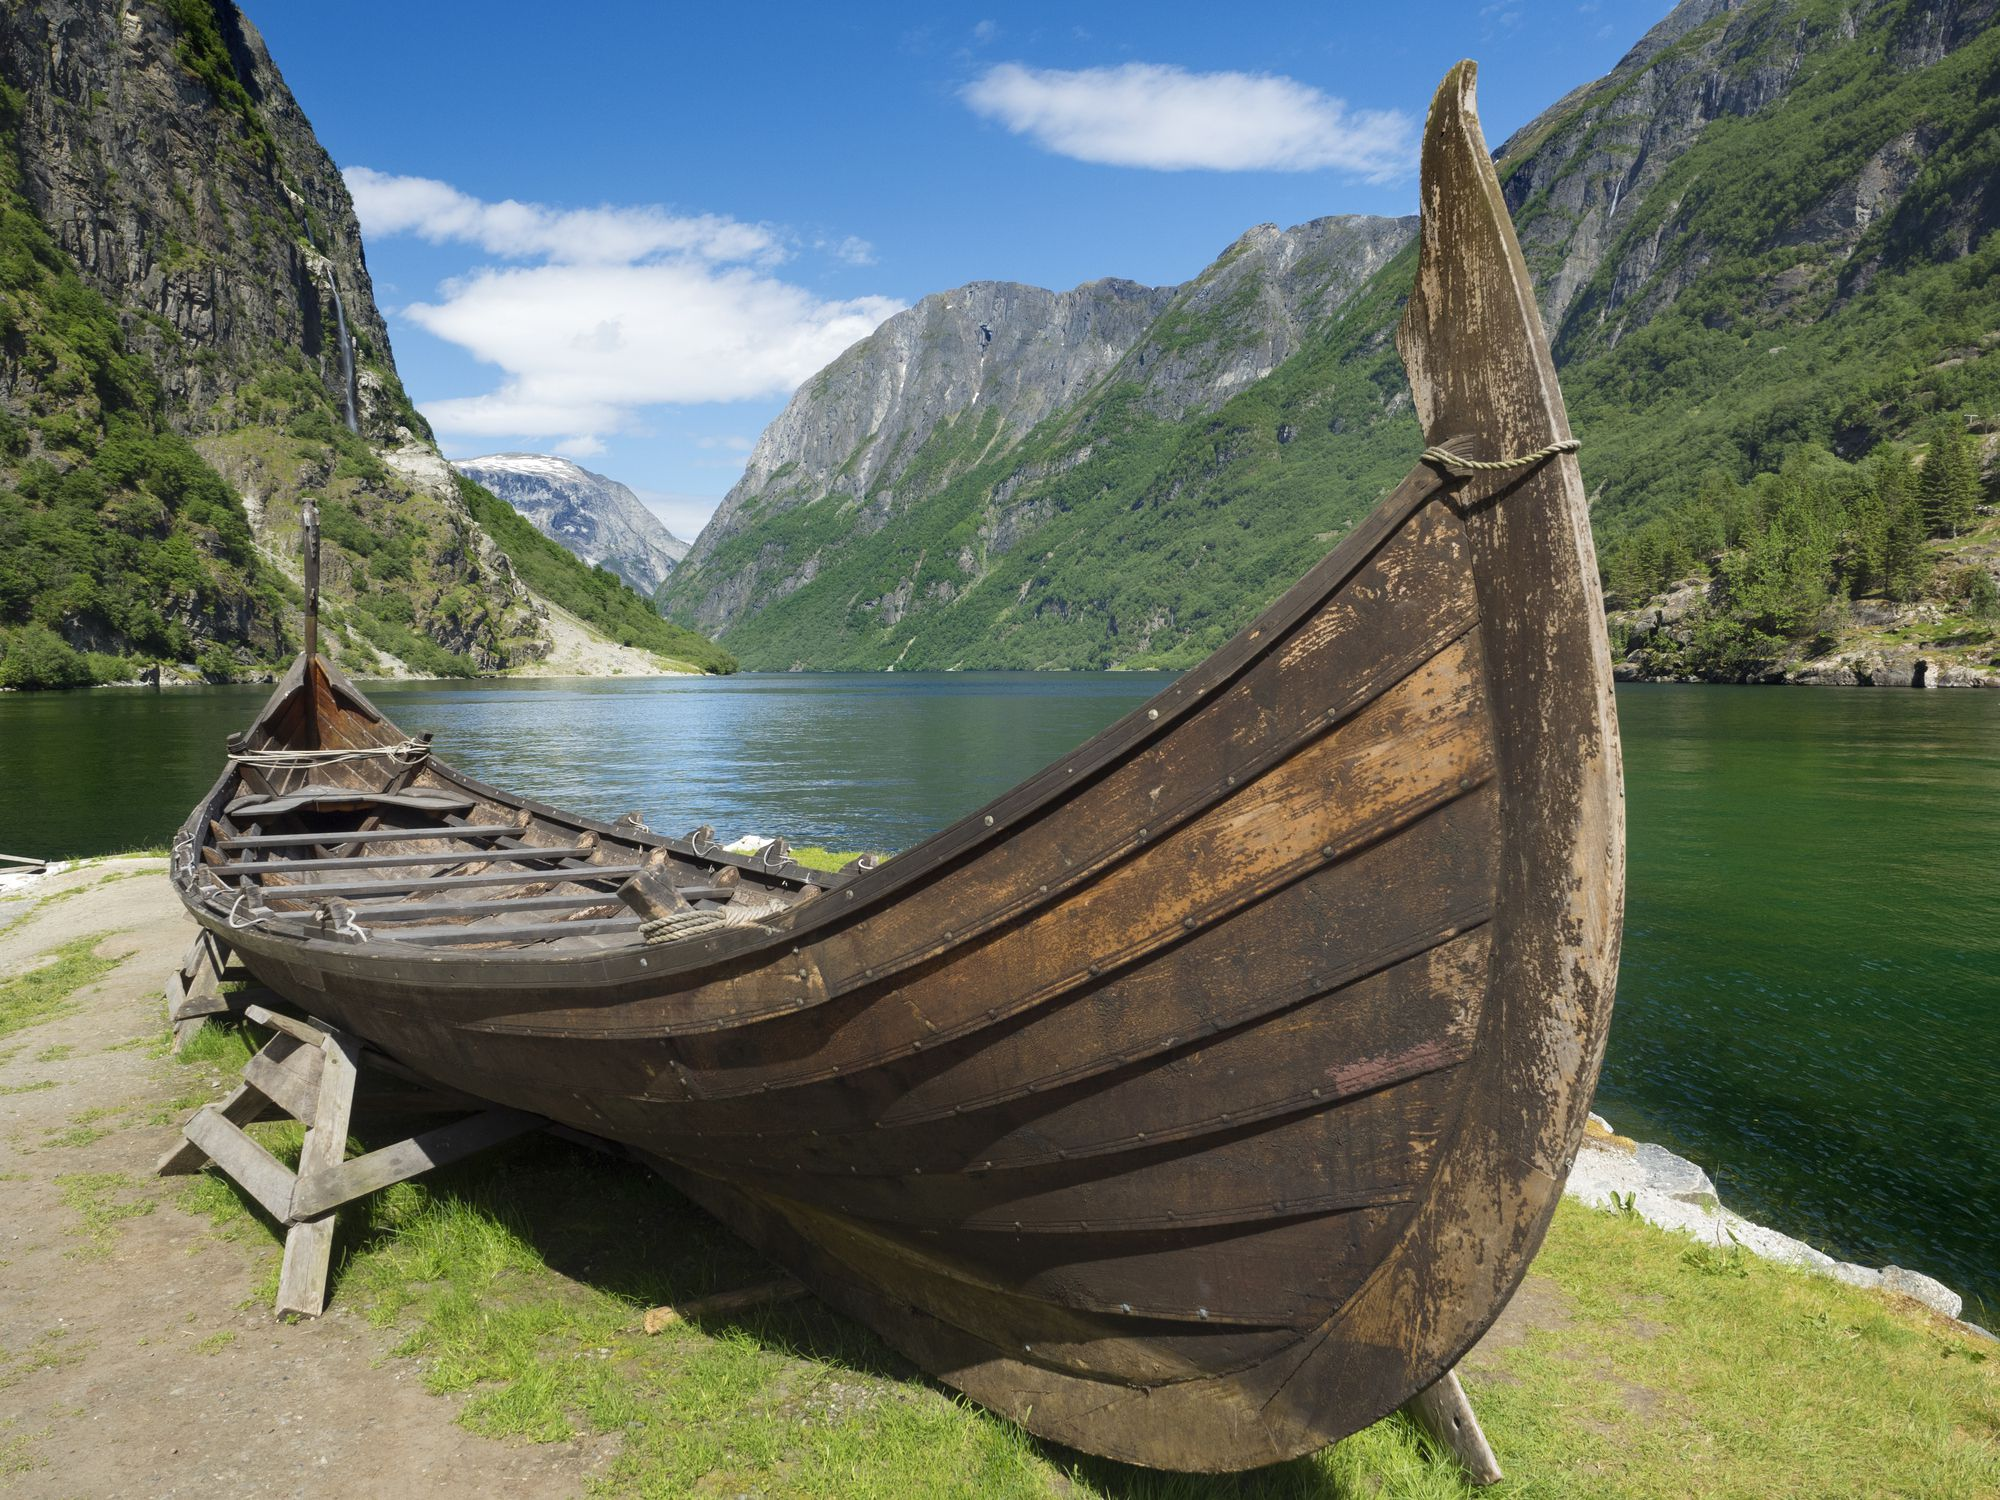 картинки лодка викингов почтовый код